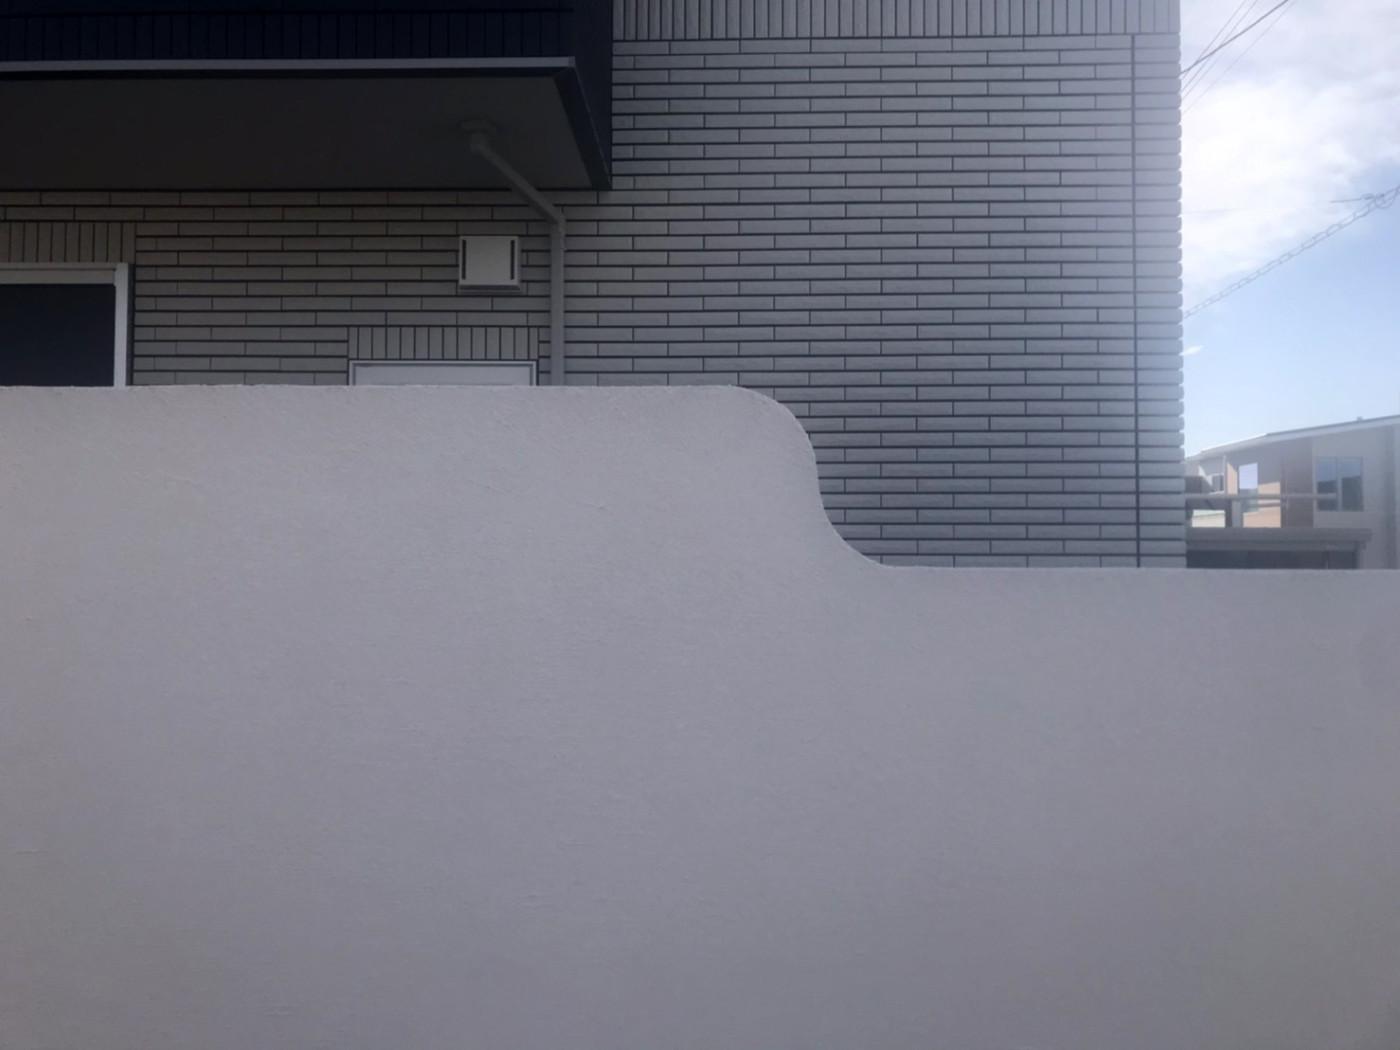 静岡県 K.T.U グランドアートウォール施工イメージ2375_06